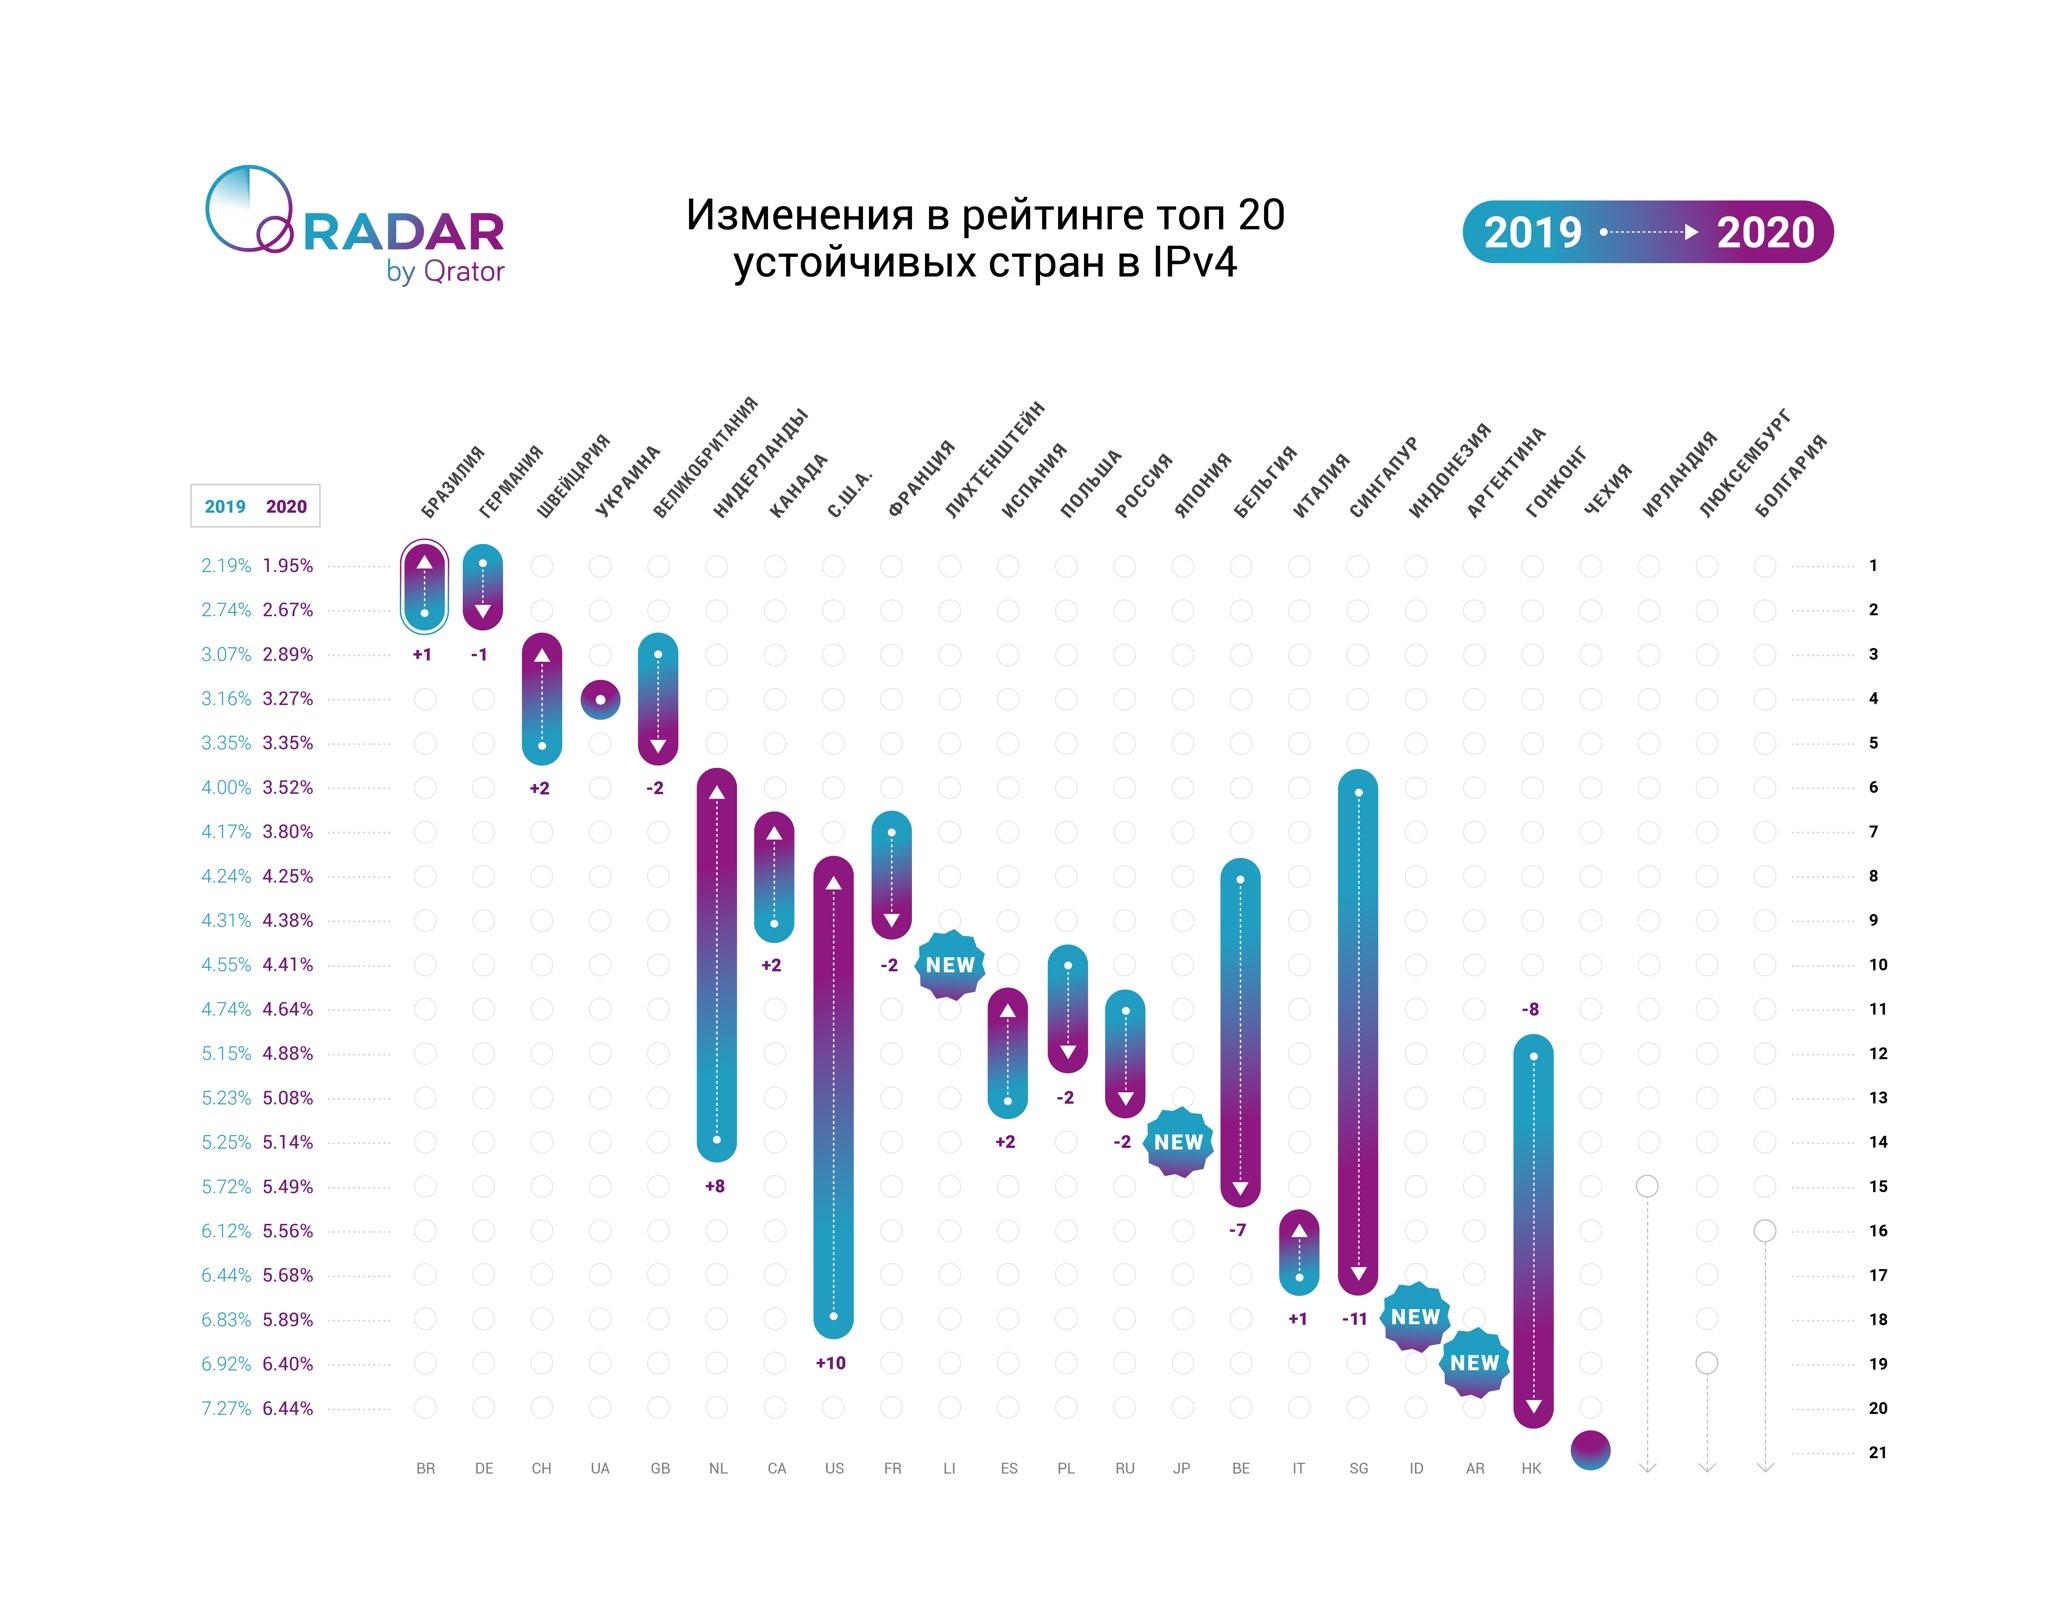 Qrator Labs оценила устойчивость национальных сегментов интернета в 2020 году